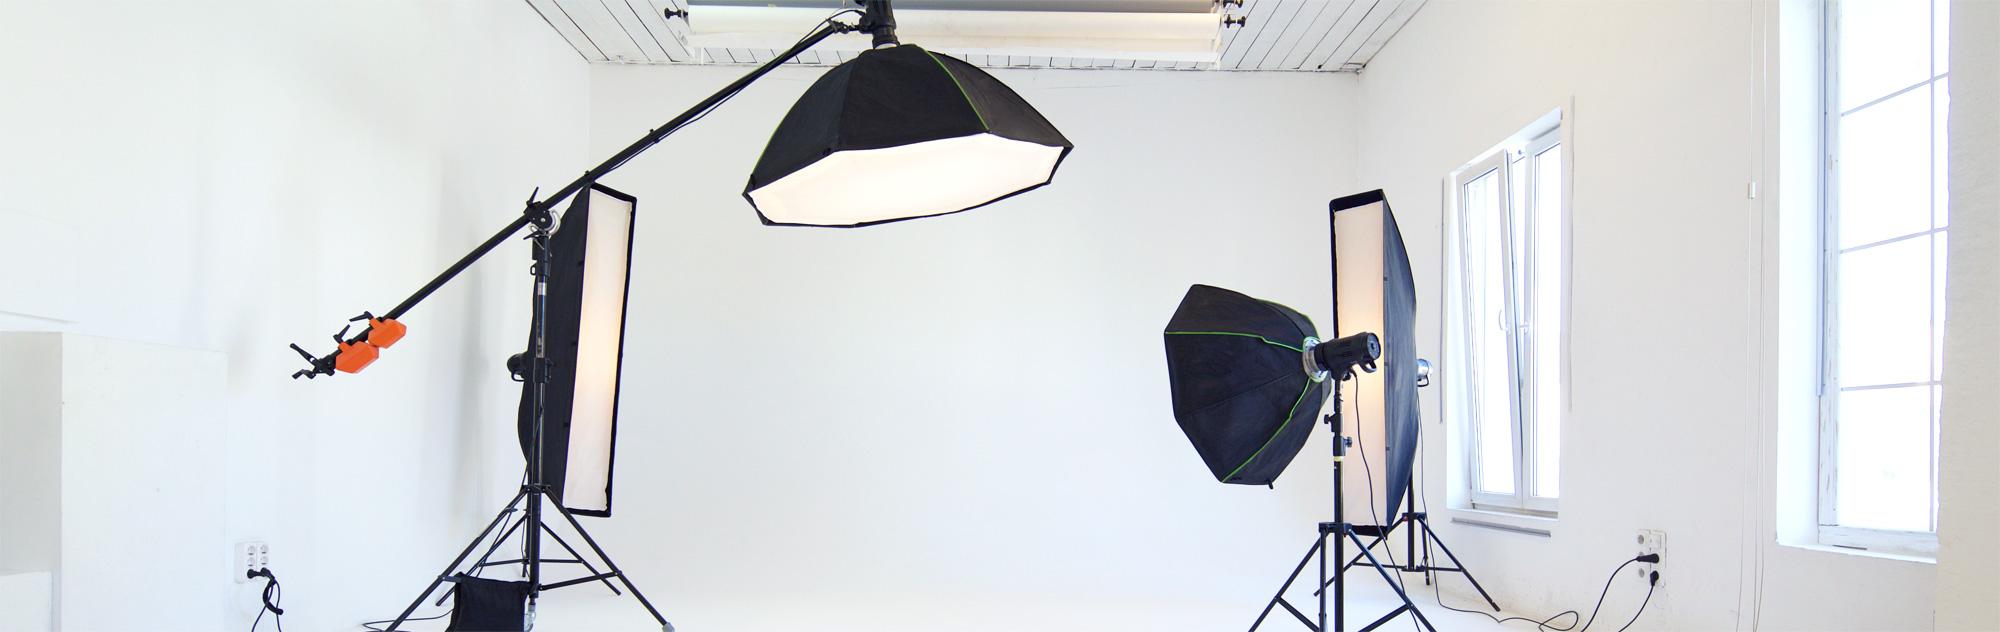 多摩市の写真撮影・プロフィール写真・社長・代表写真